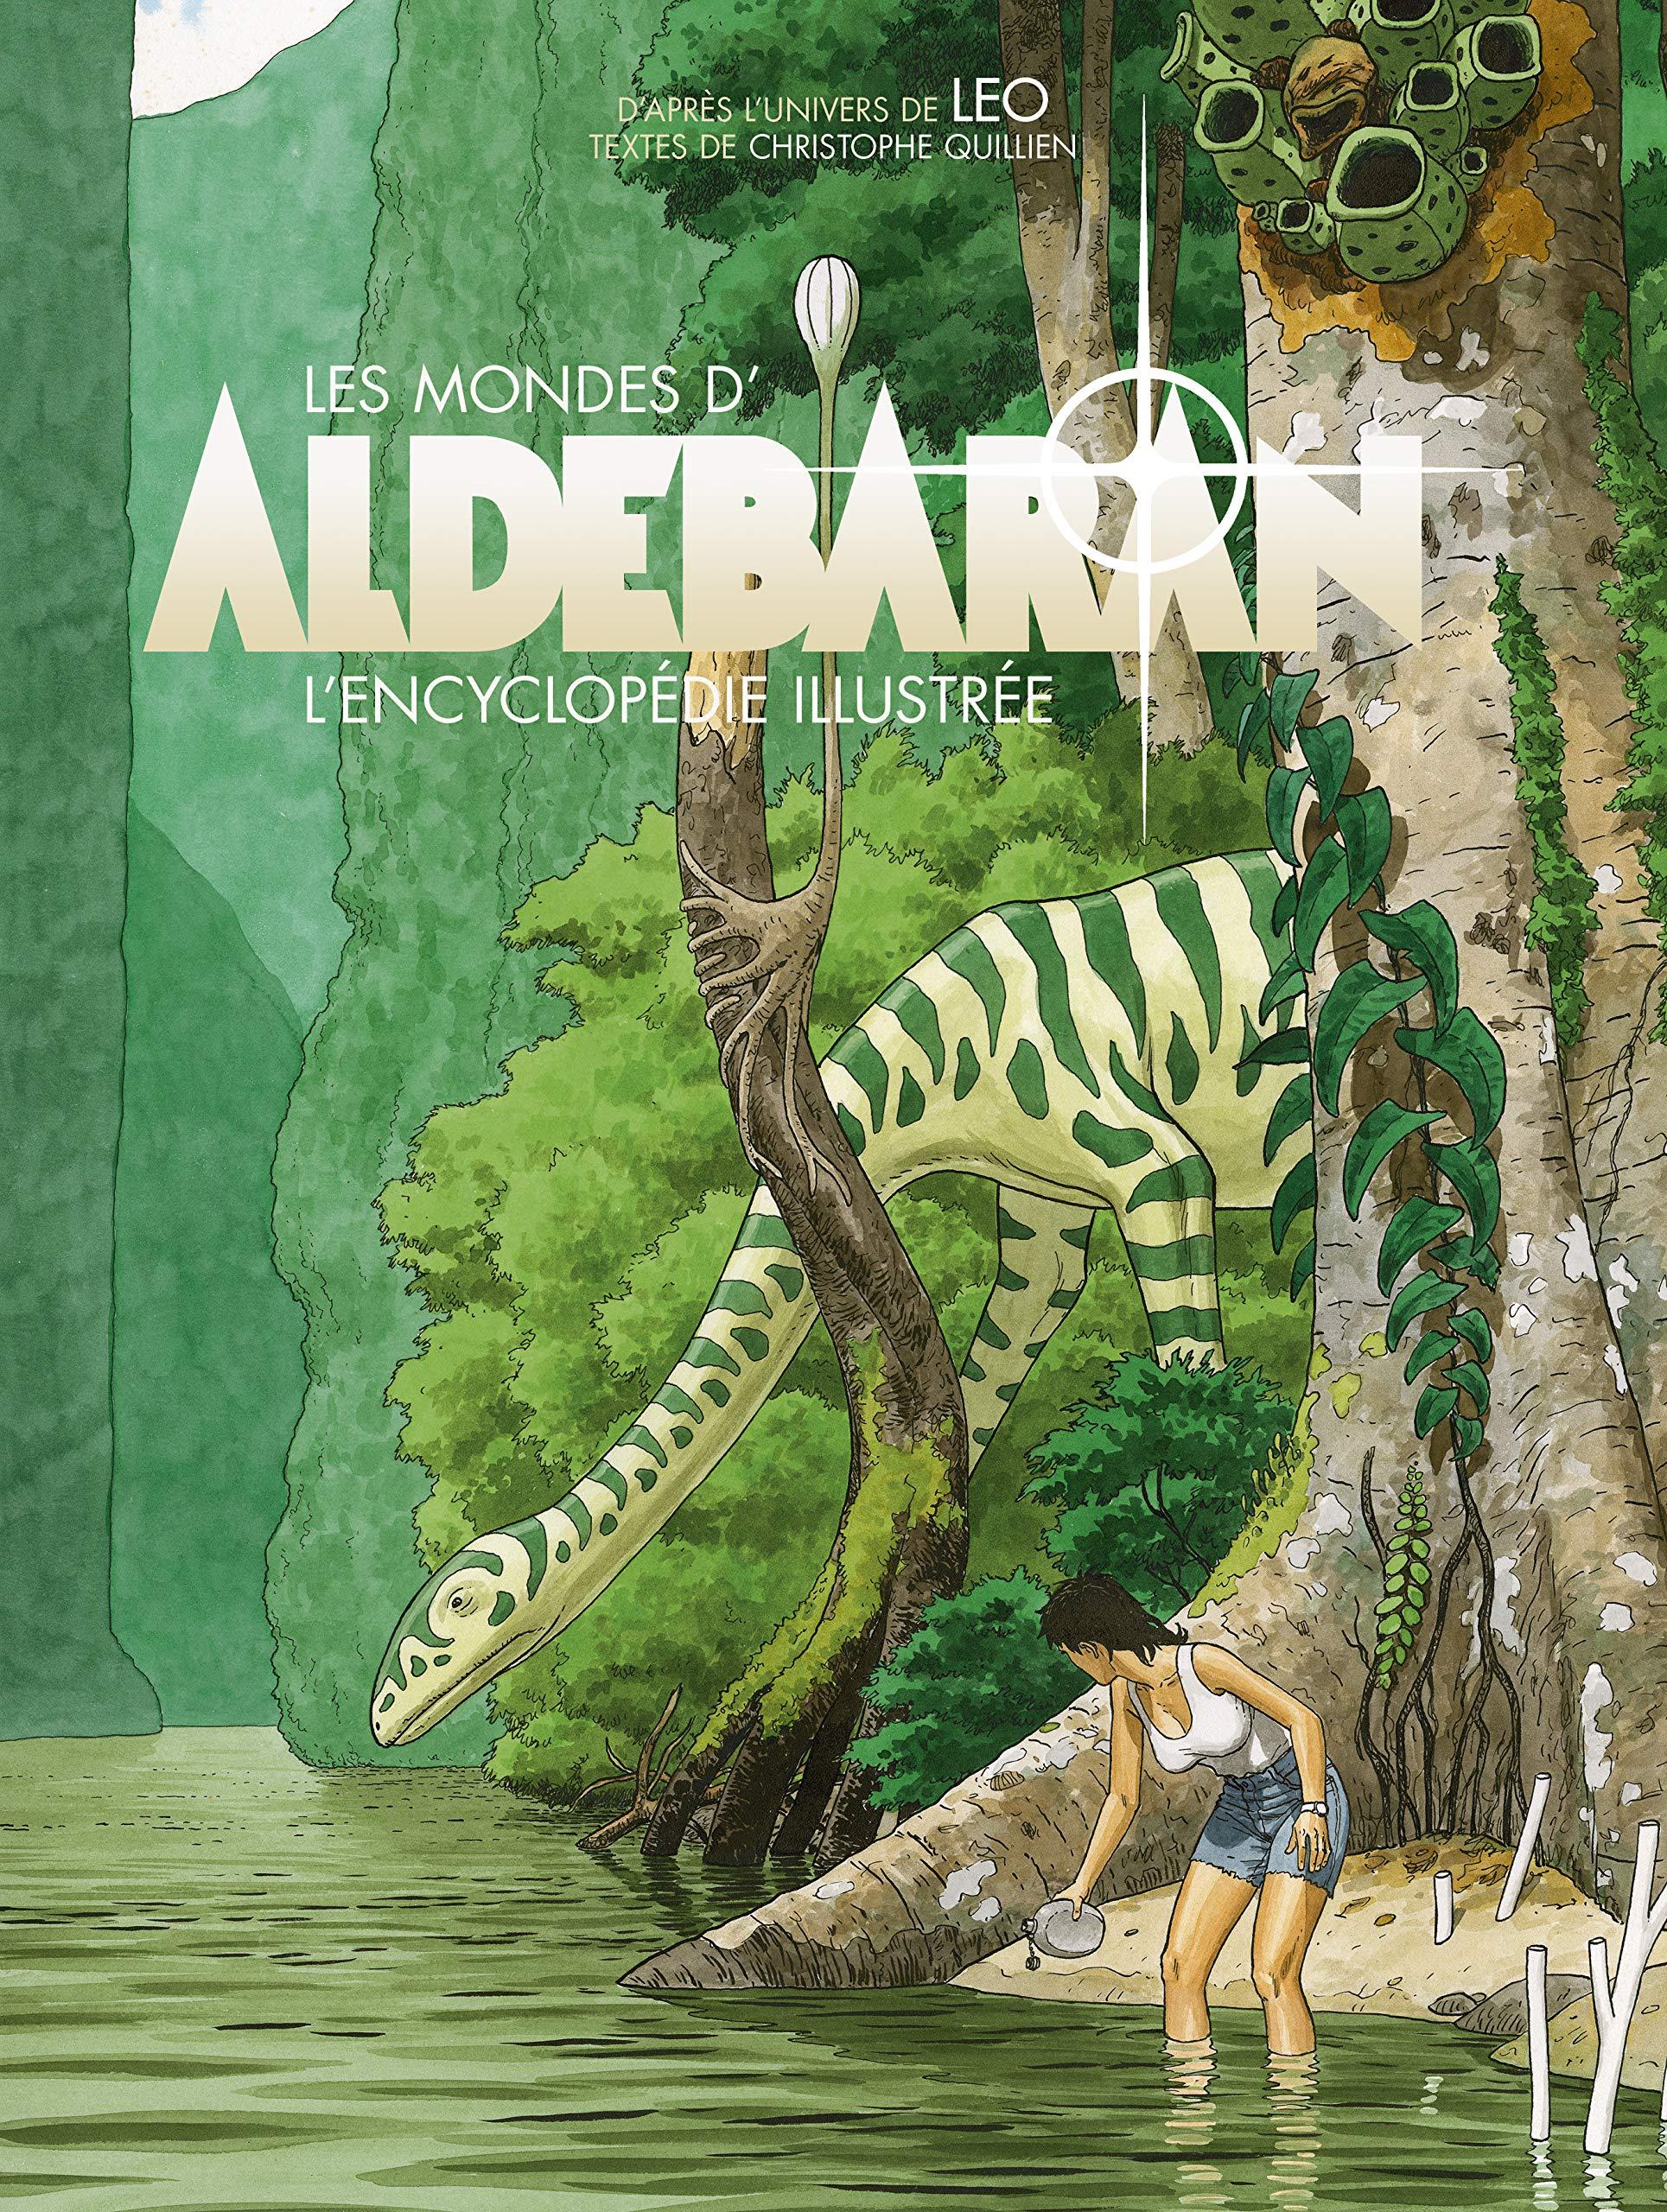 Les mondes D'Aldébaran - L'encyclopédie illustrée 0